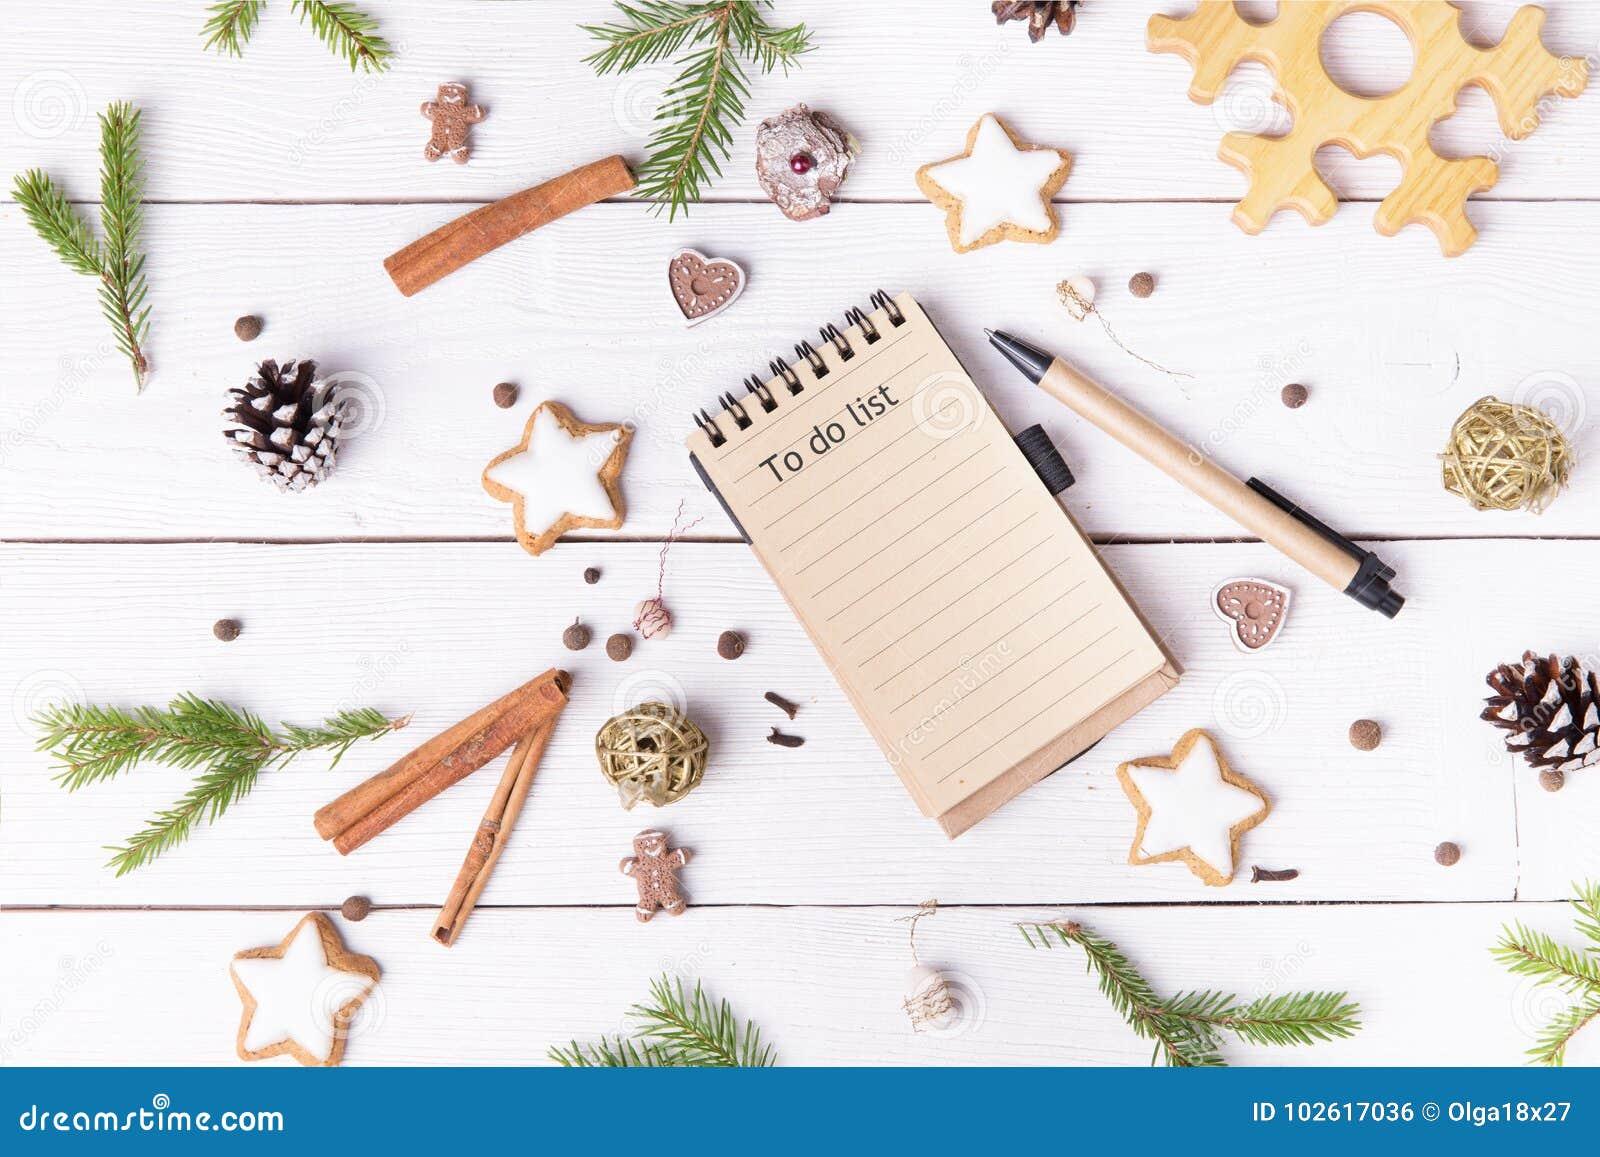 De decoratie en het notitieboekje van de Kerstmisvakantie met om lijst op witte uitstekende lijst van te doen hierboven, Kerstmis